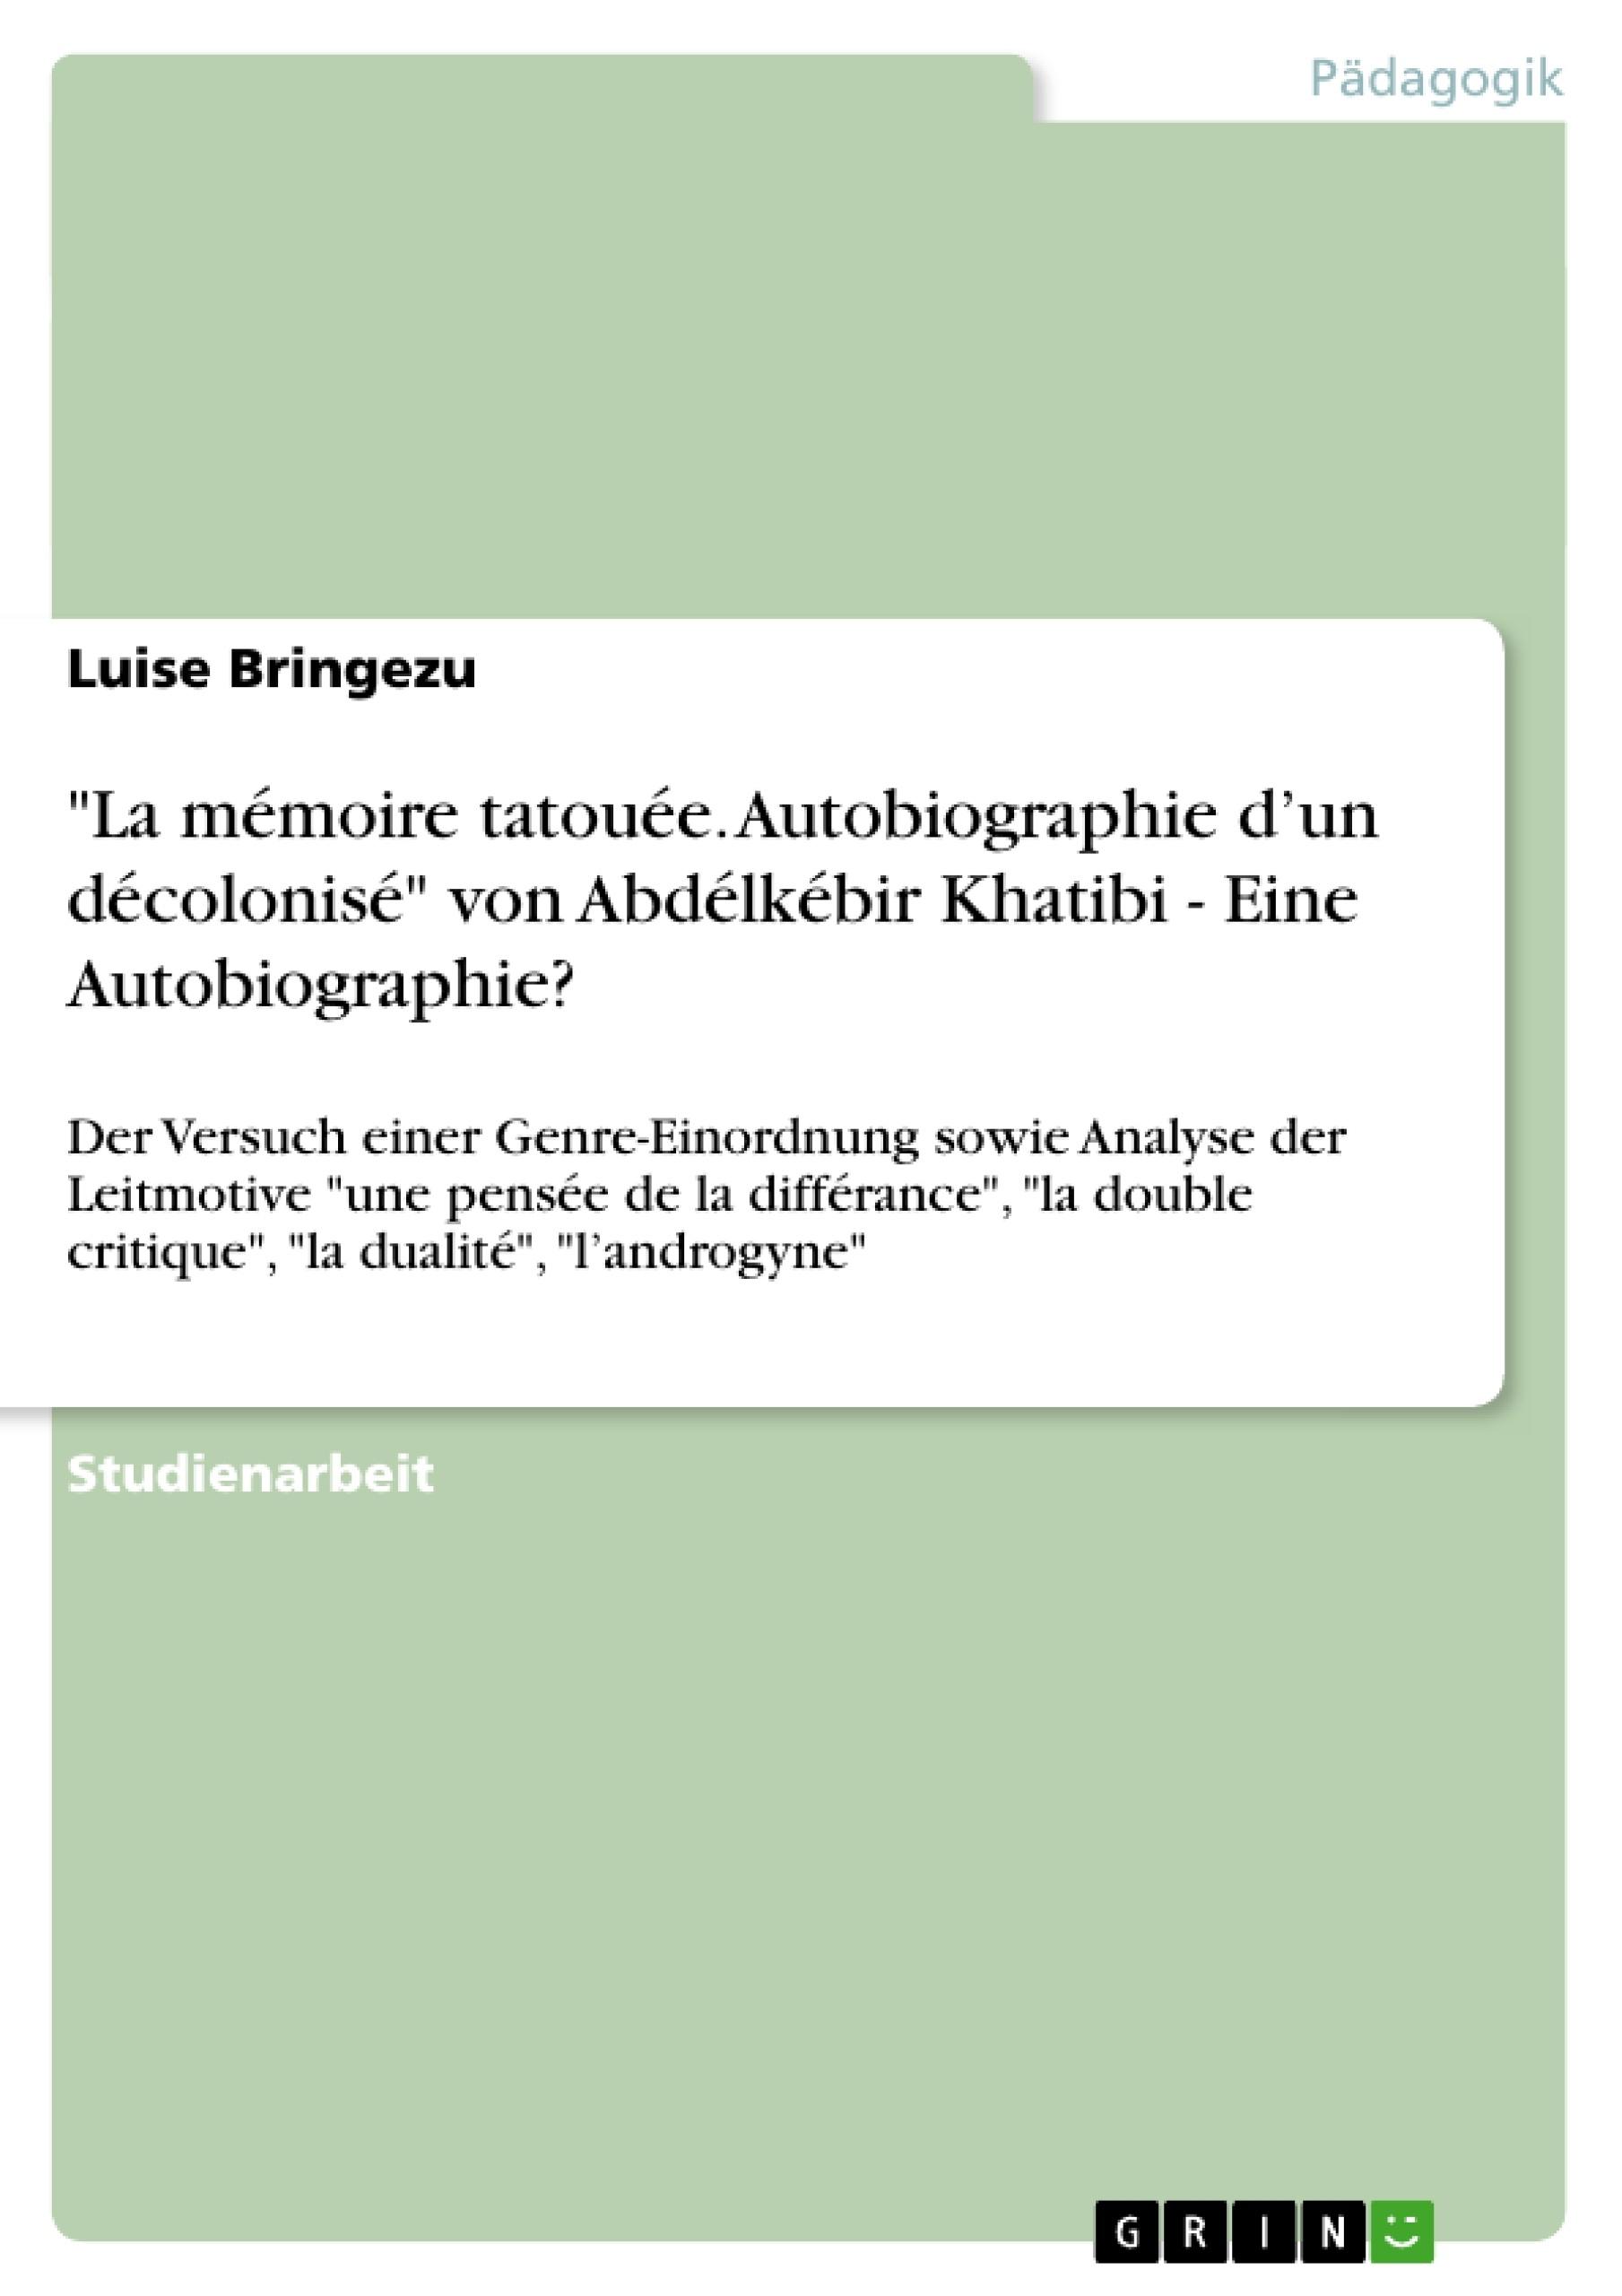 """Titel: """"La mémoire tatouée. Autobiographie d'un décolonisé"""" von Abdélkébir Khatibi - Eine Autobiographie?"""